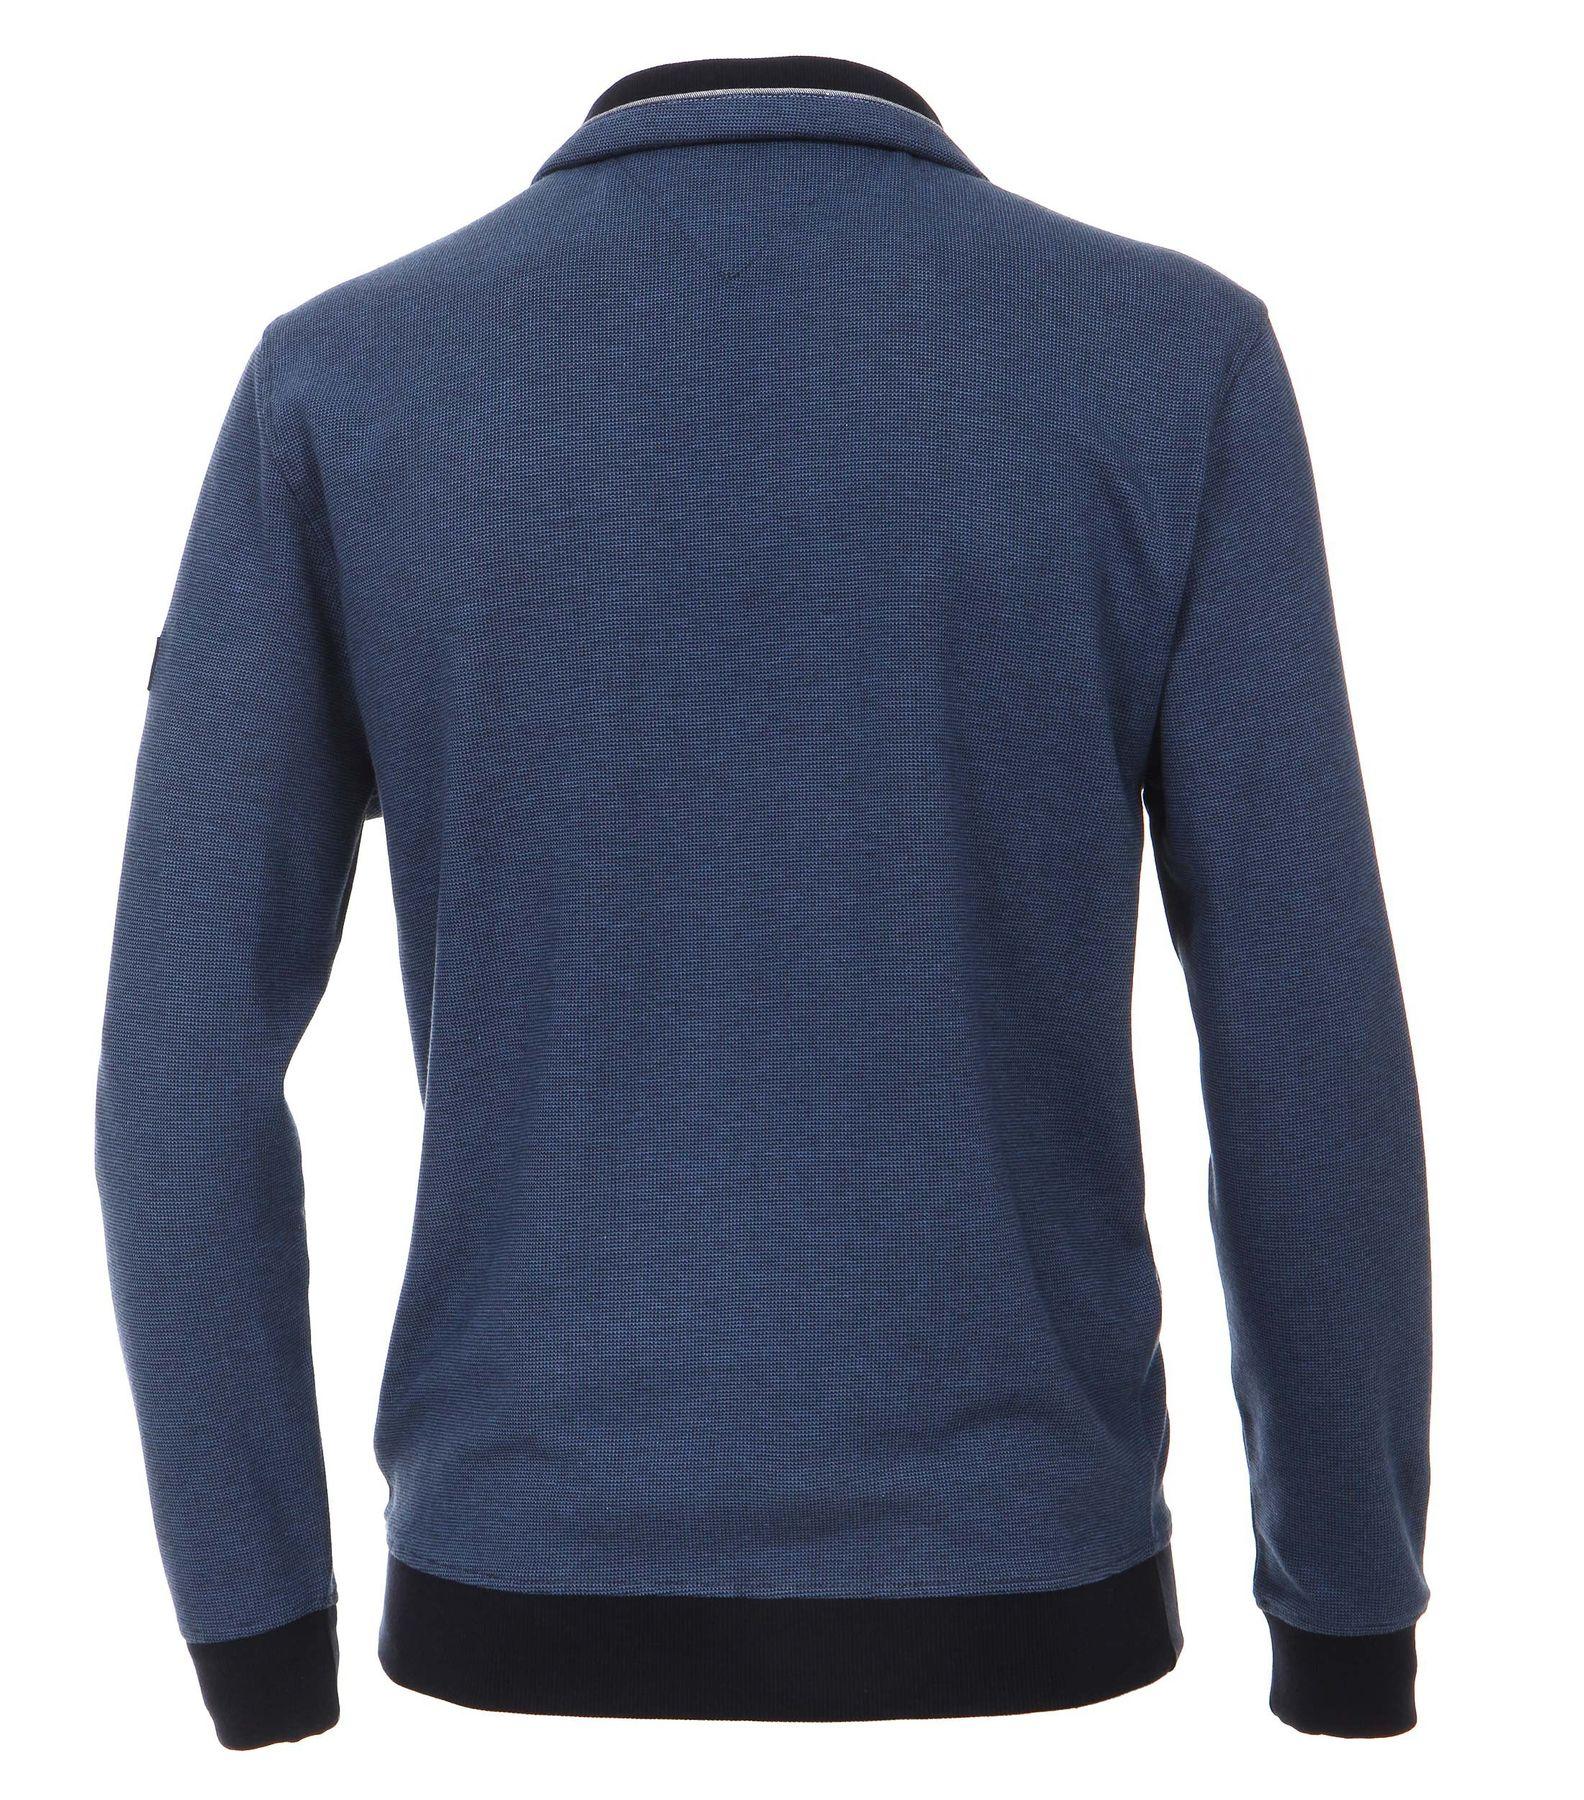 Casa Moda - Herren Troyer aus 100 % Baumwolle und mit abgesetztem Kragen (462522300 A) – Bild 4